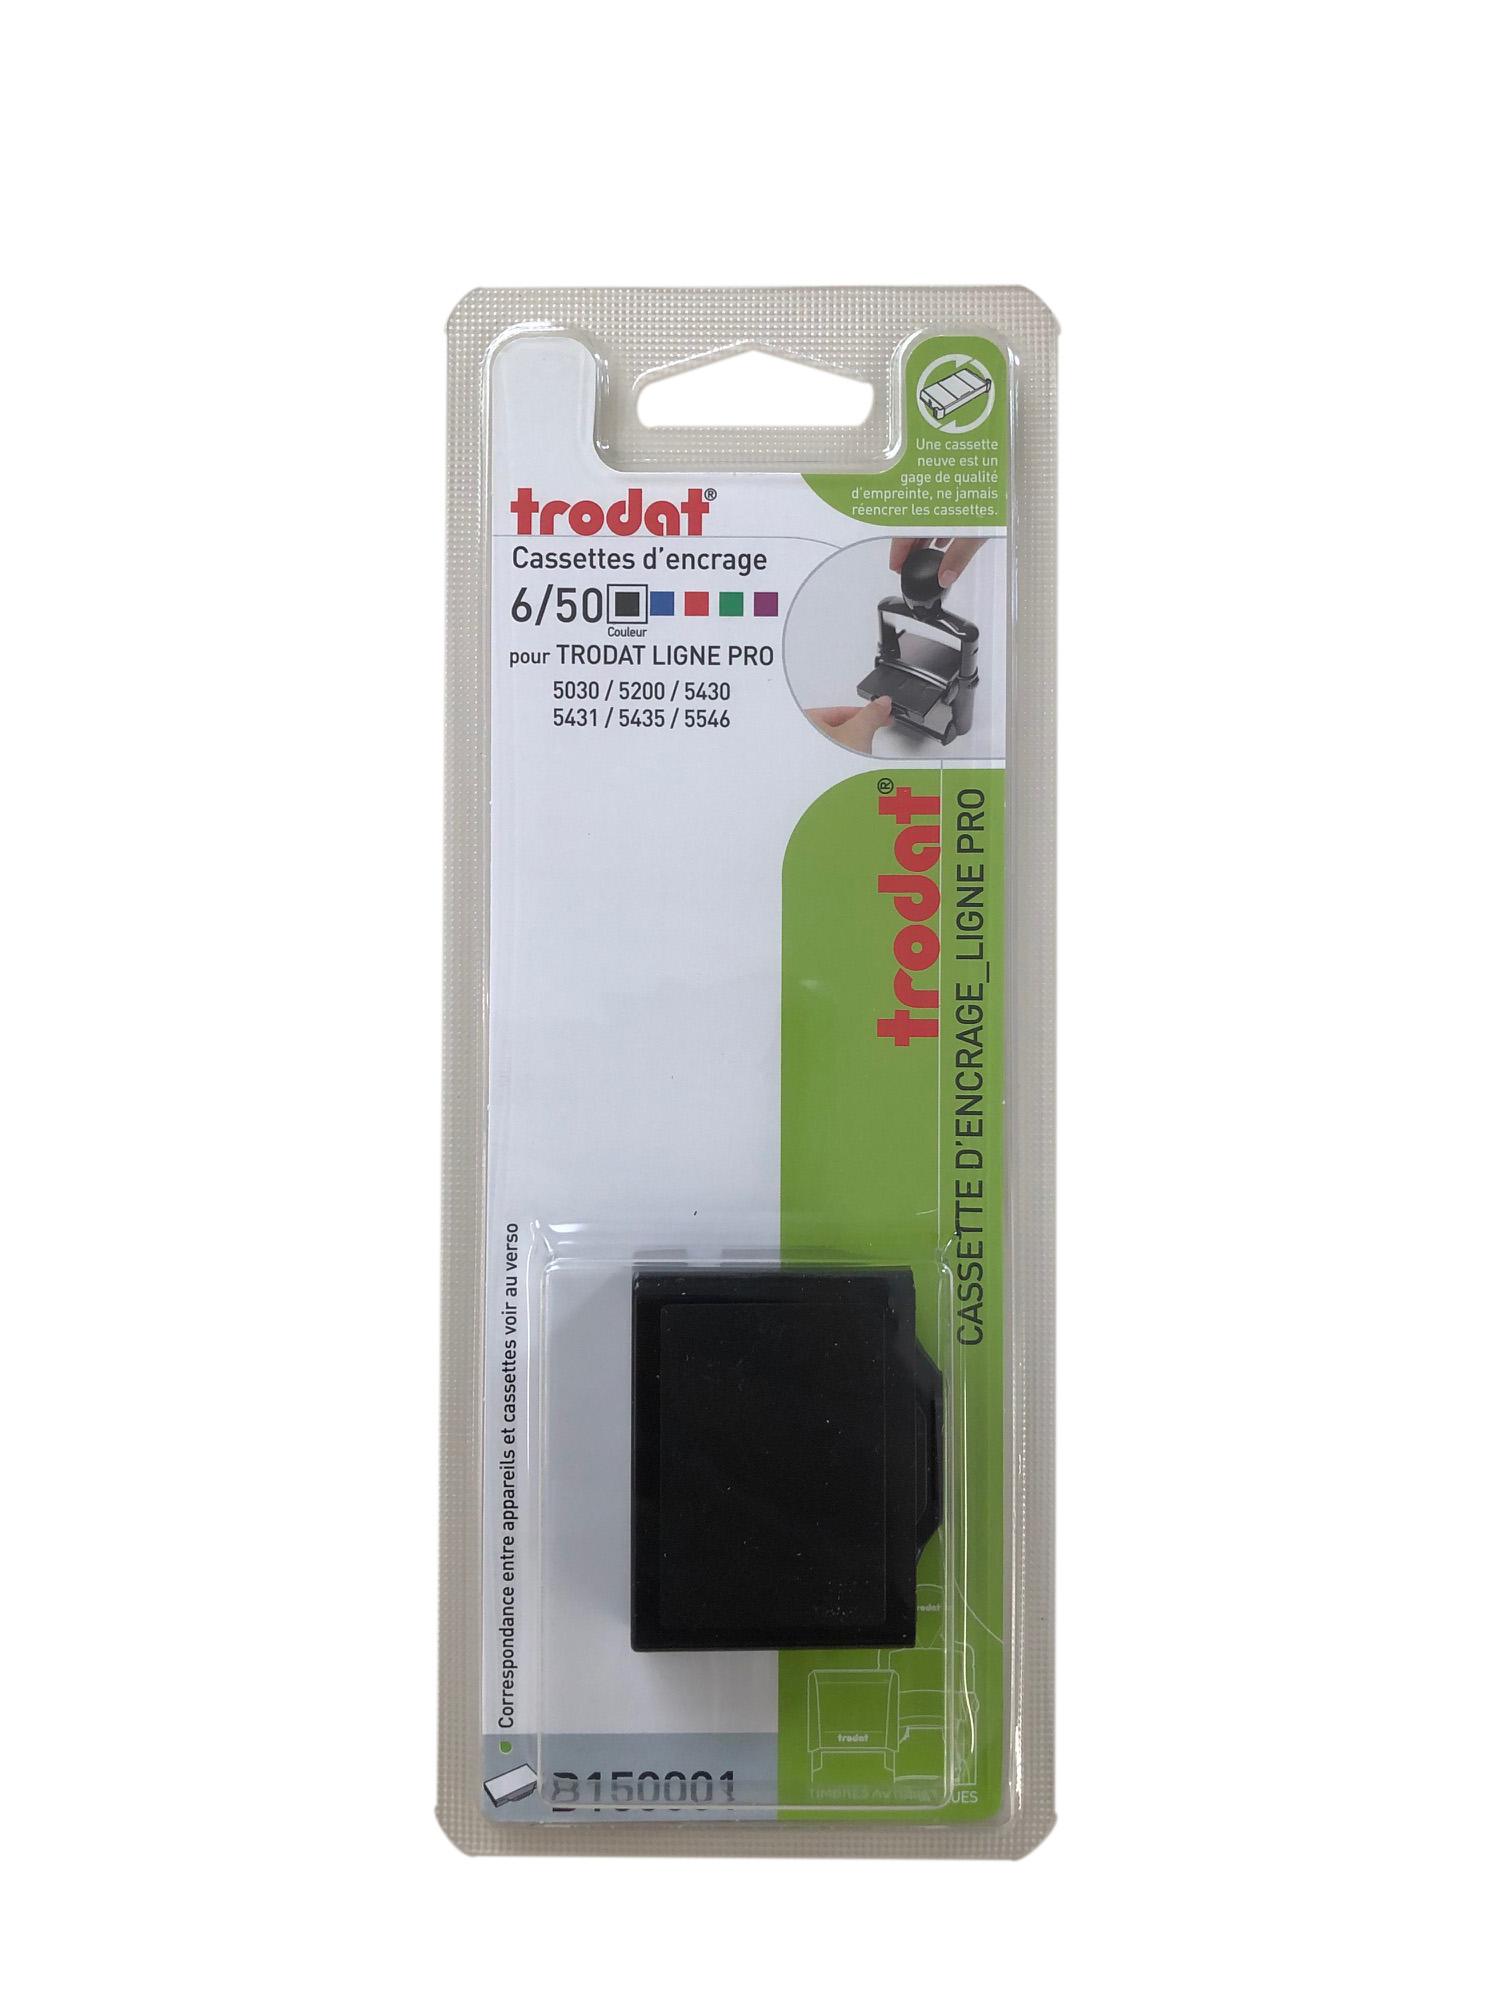 Trodat - Encrier 6/50 recharge pour tampon 5030/5200/5430 - noir